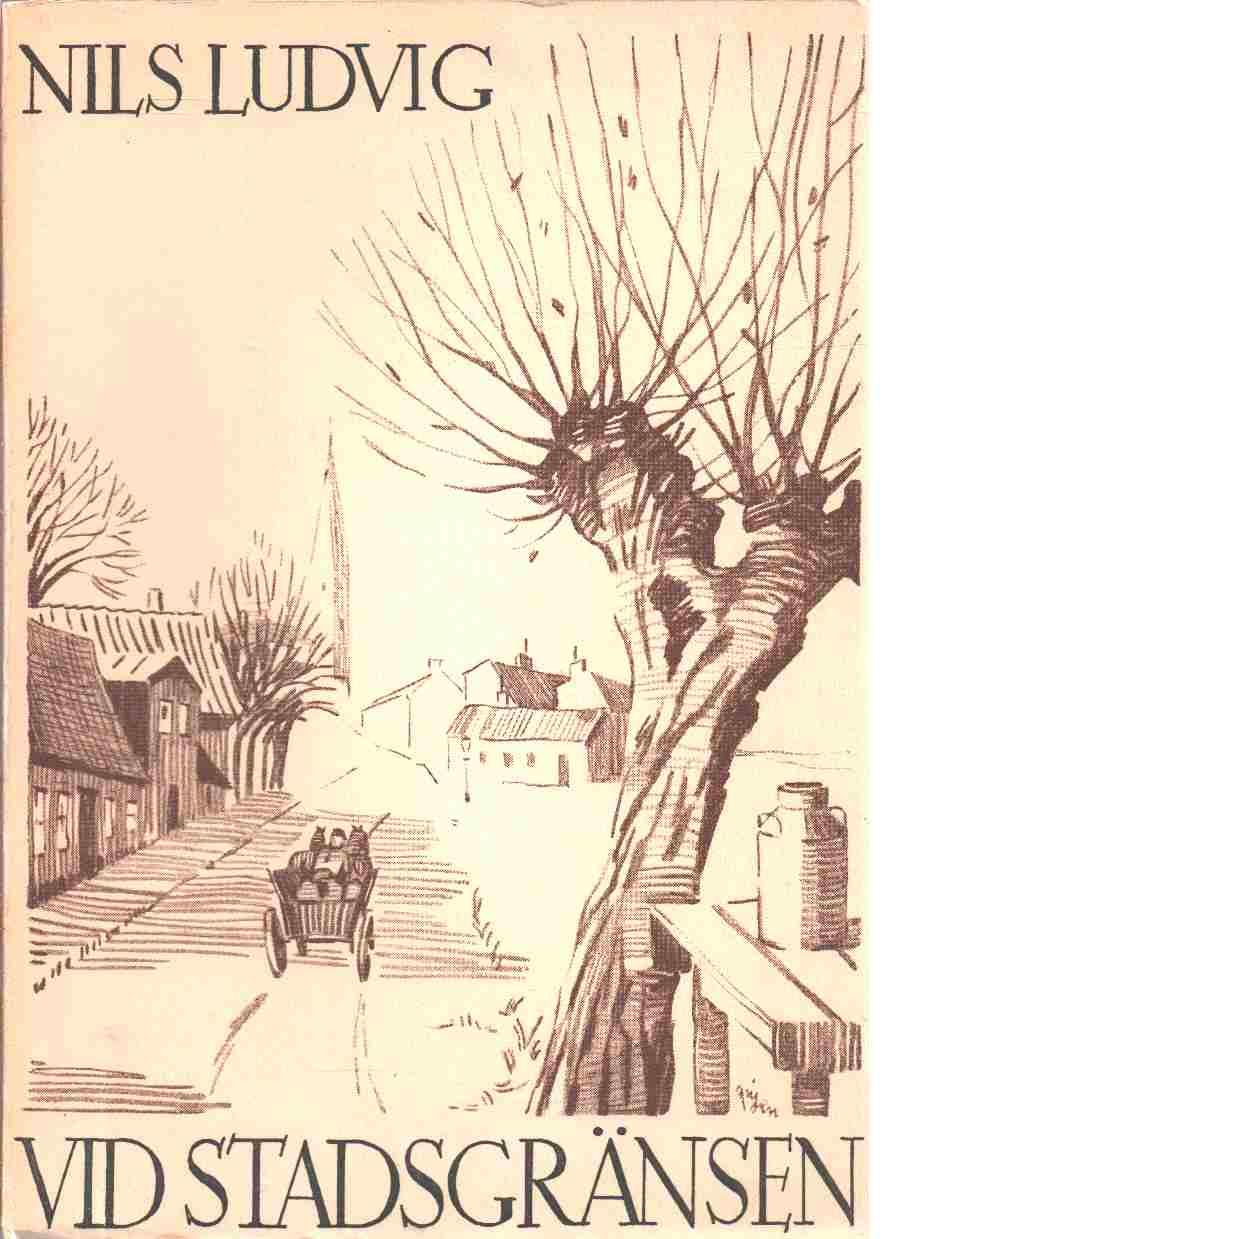 Vid stadsgränsen. - Olsson, Nils Ludvig